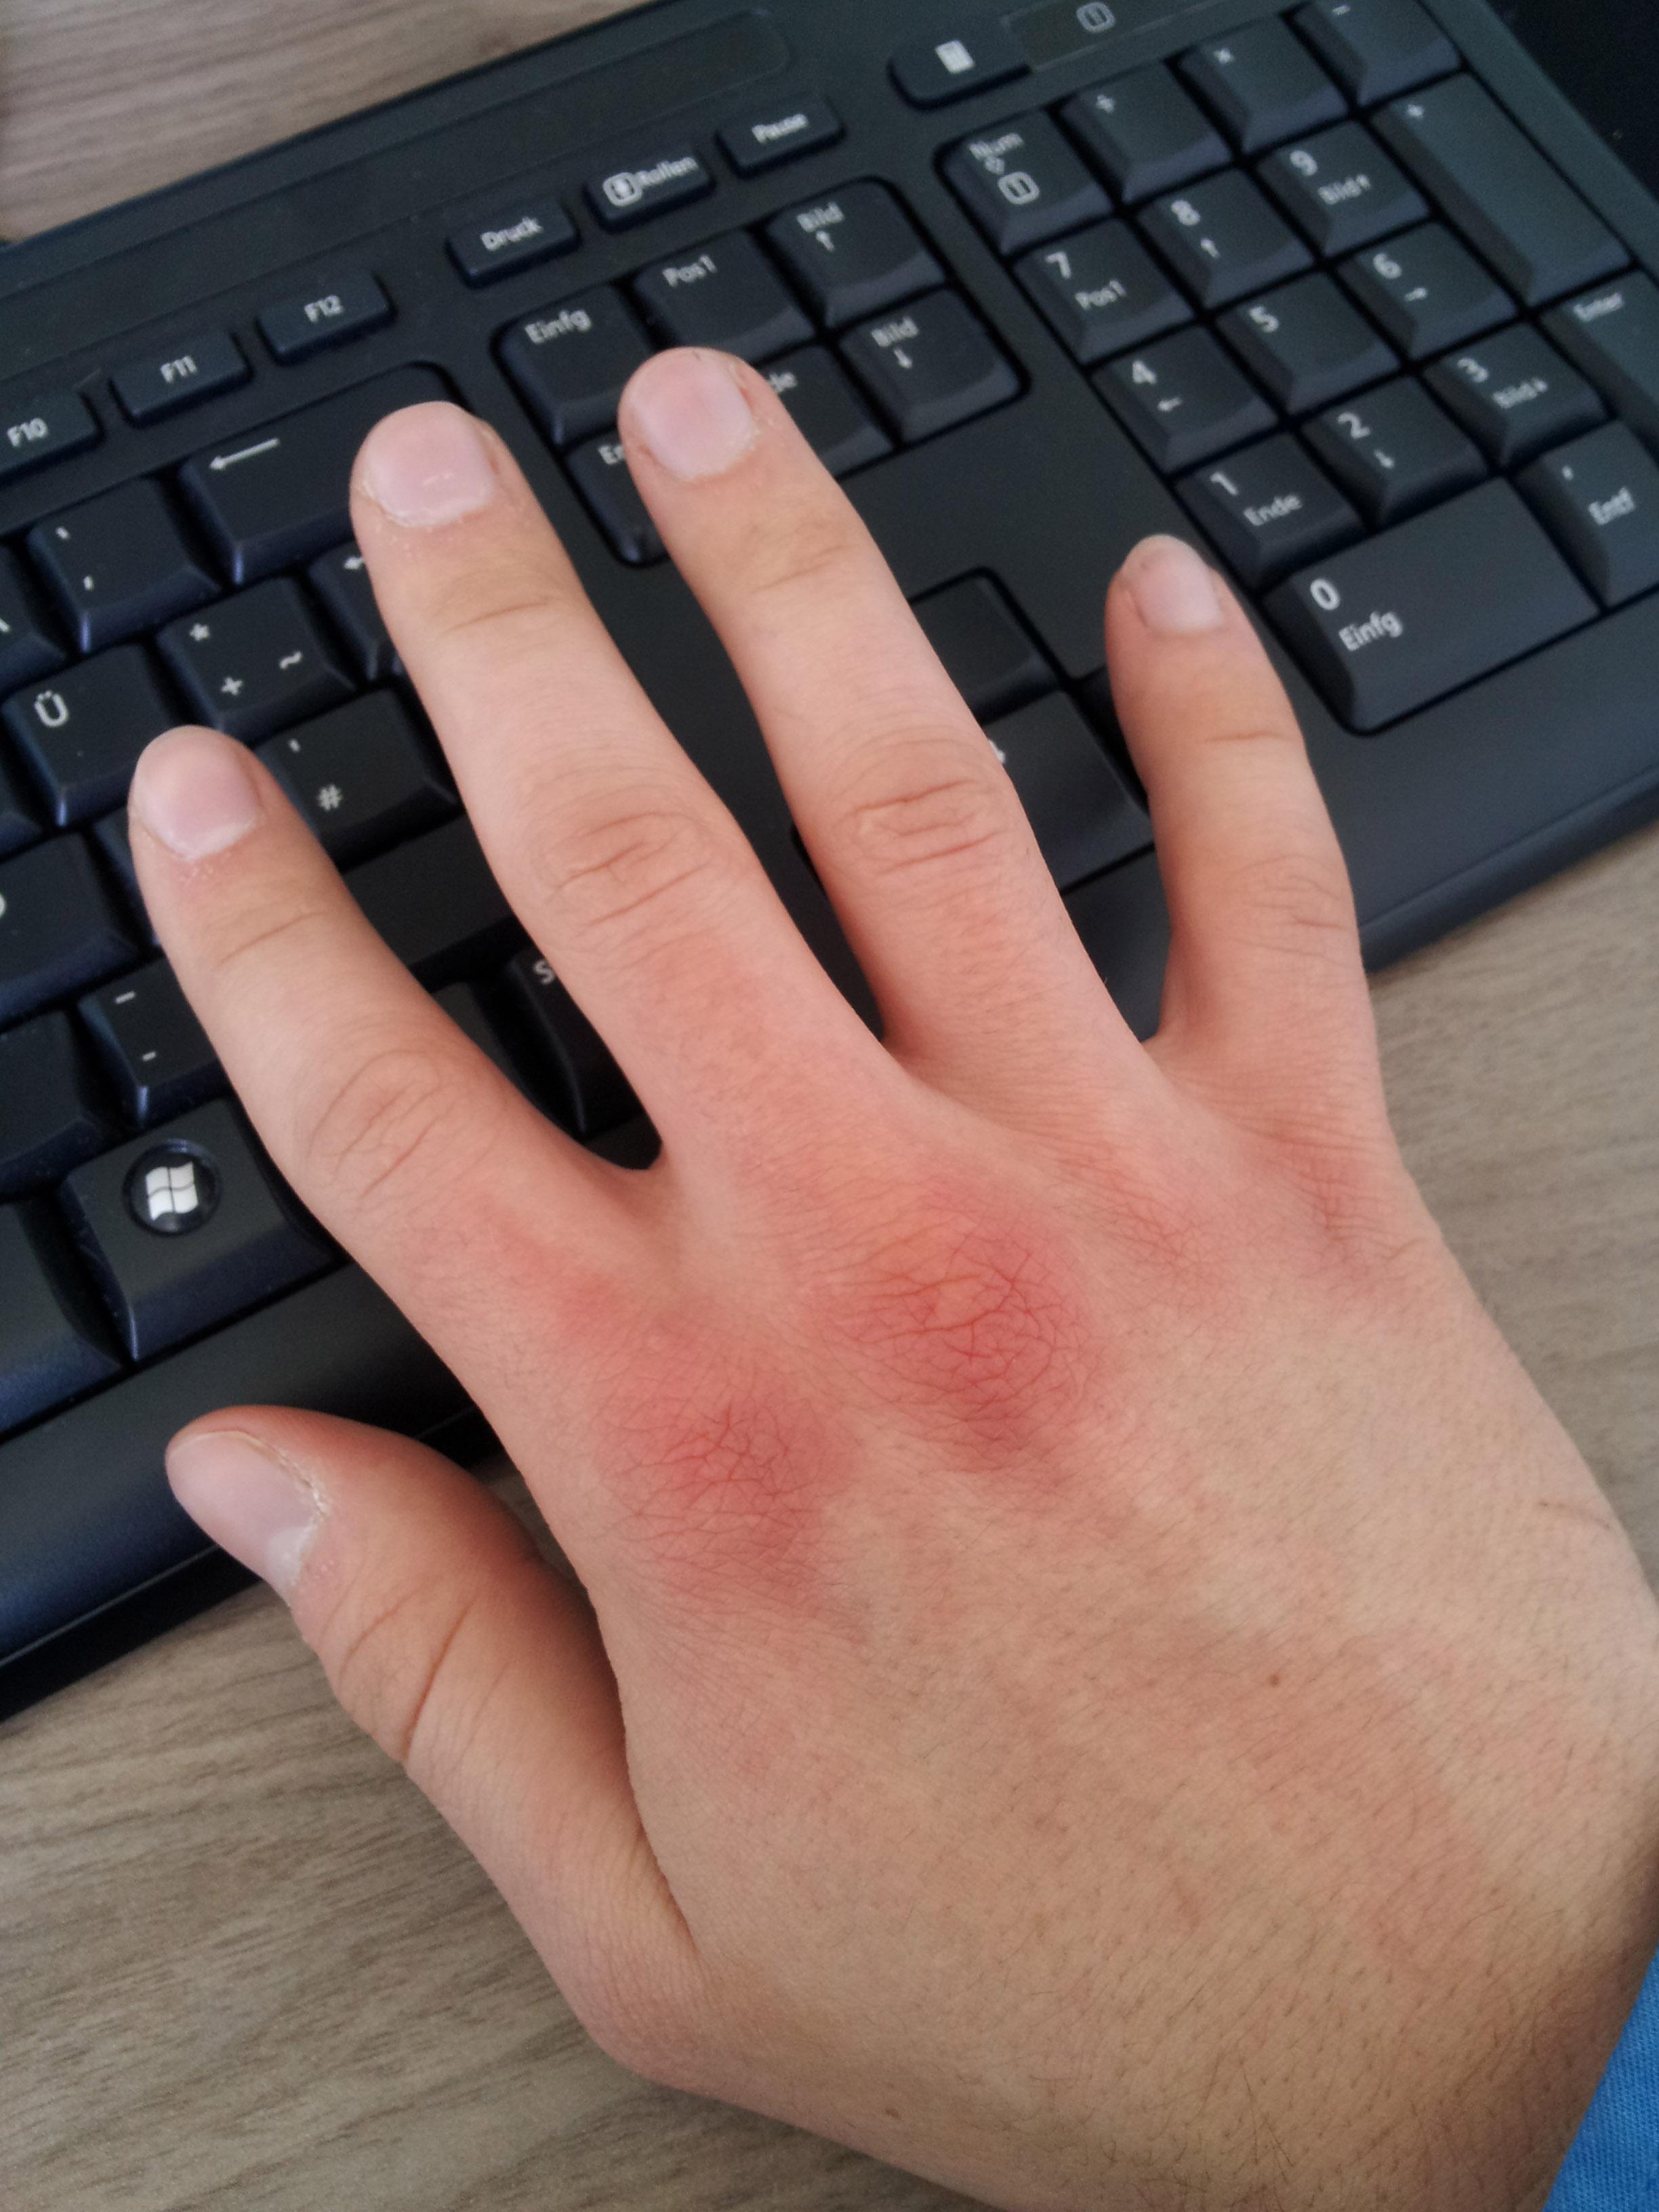 schubweise rötung an den handrücken/knöcheln (allergie, brennen